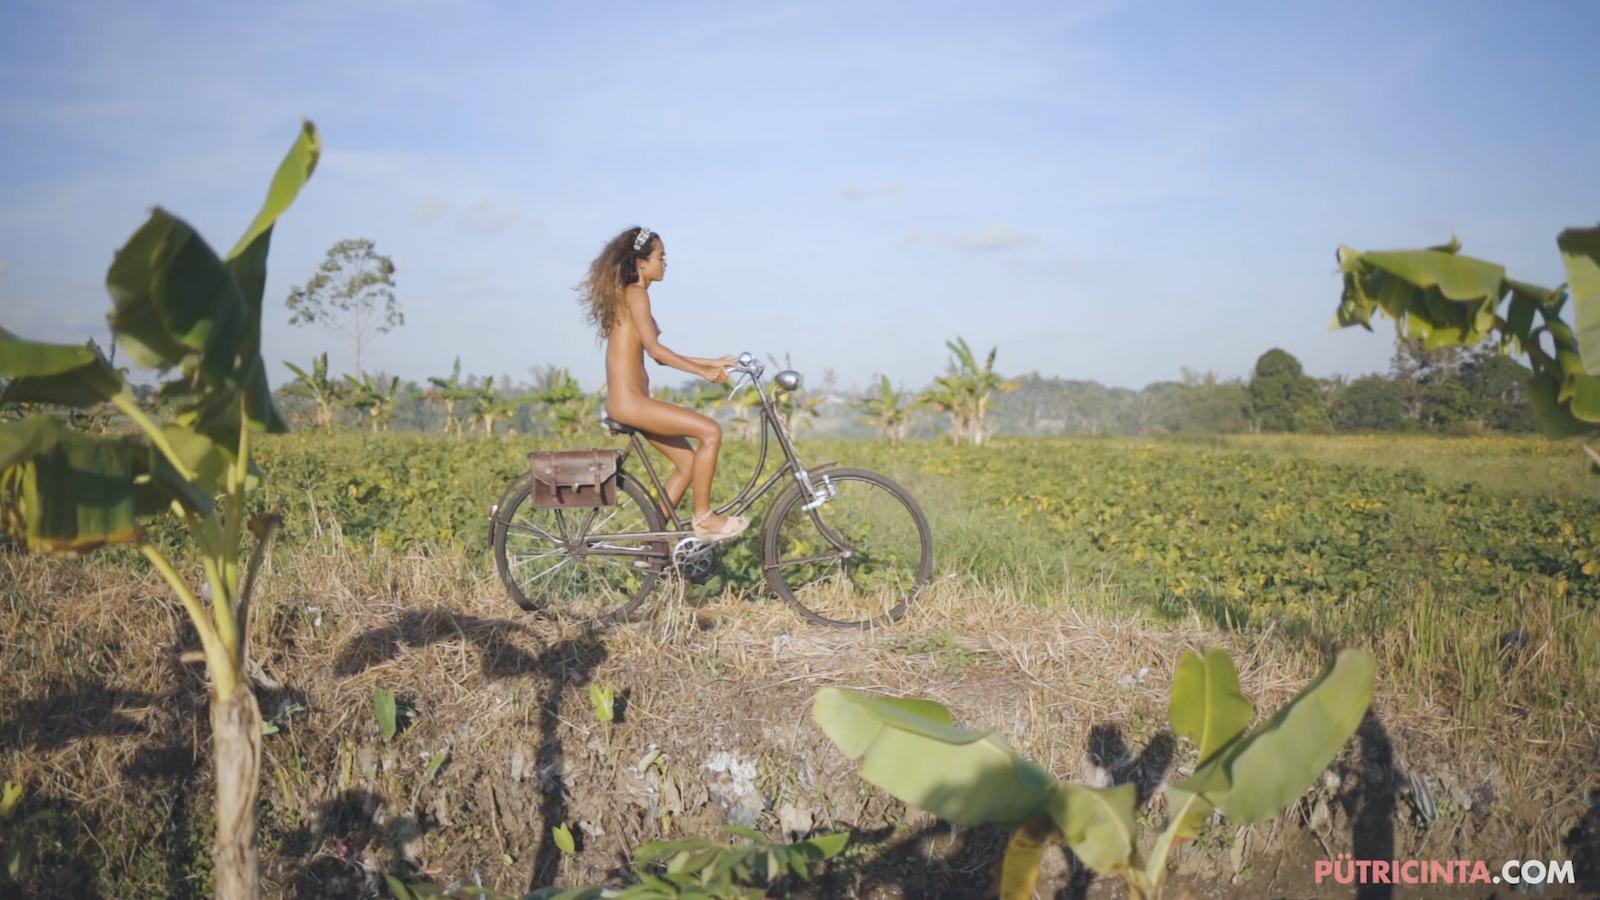 024-cyclingcommando-Putri-Cinta-Mainvid-stills-82.jpg